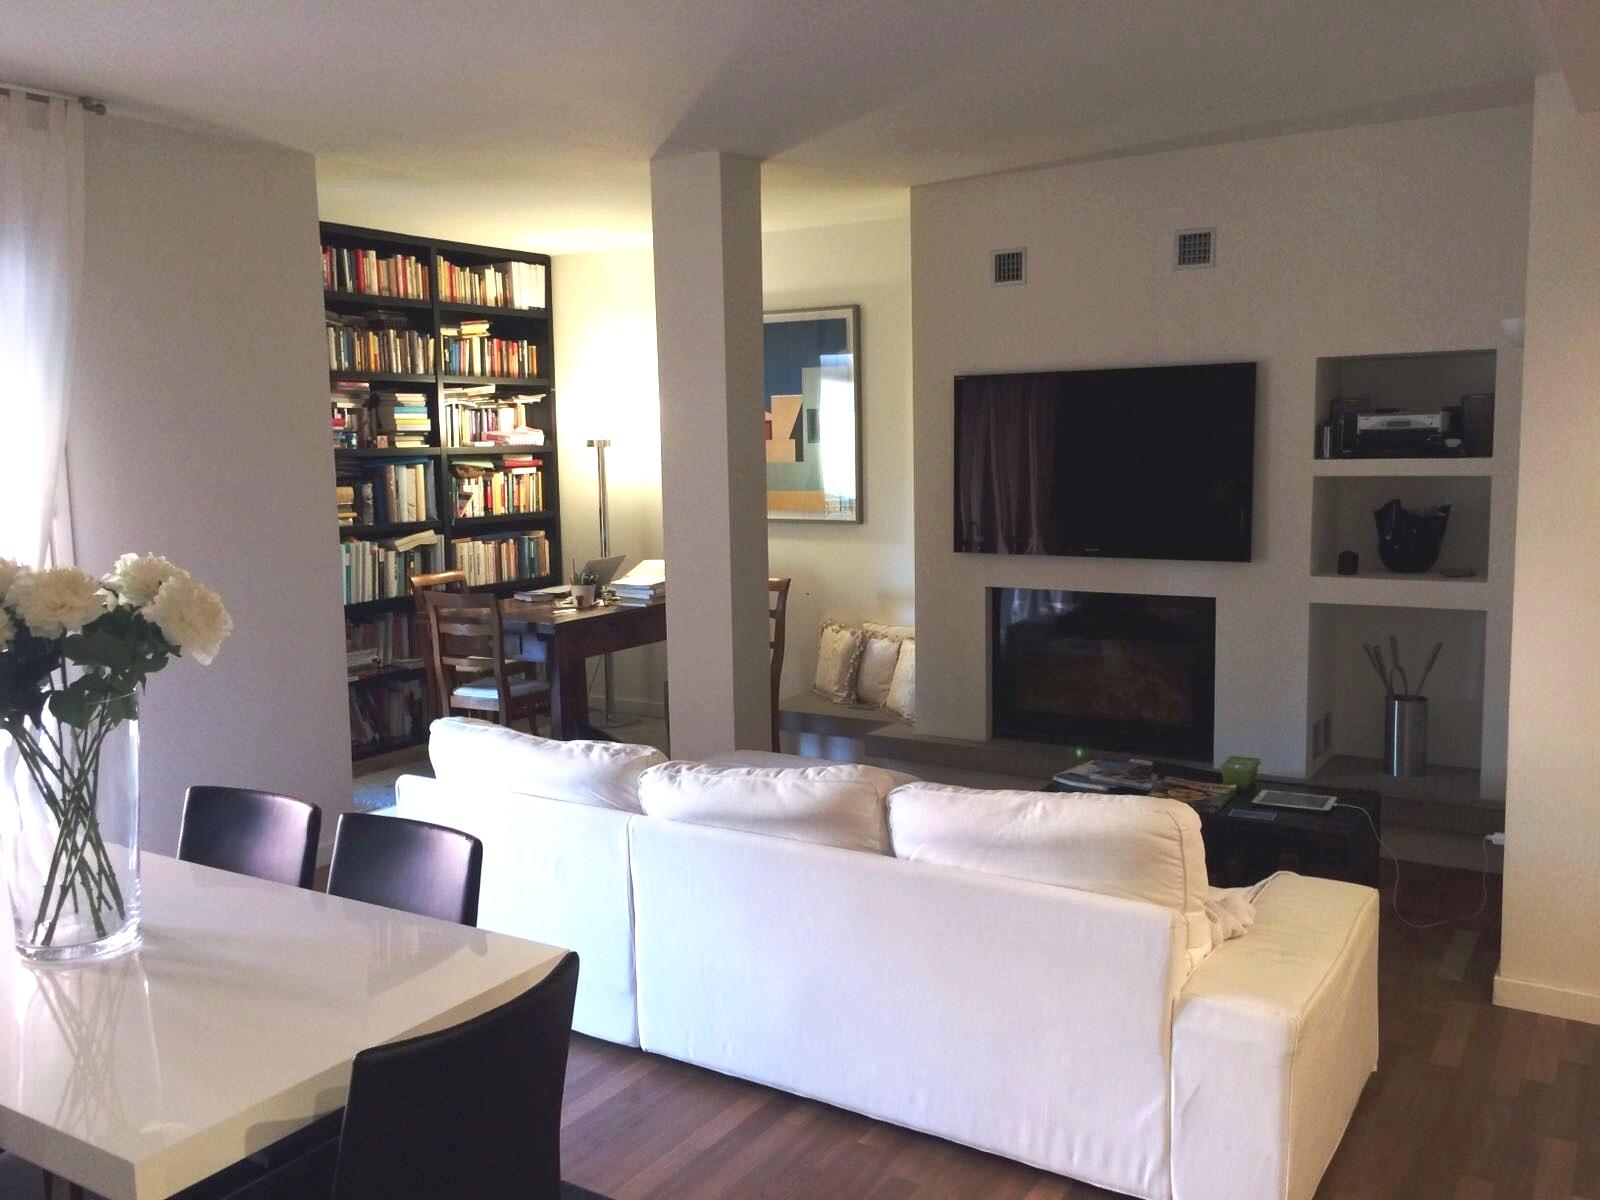 Appartamento al fontanazzo caseloft s r l immobiliare for Case in vendita sassuolo